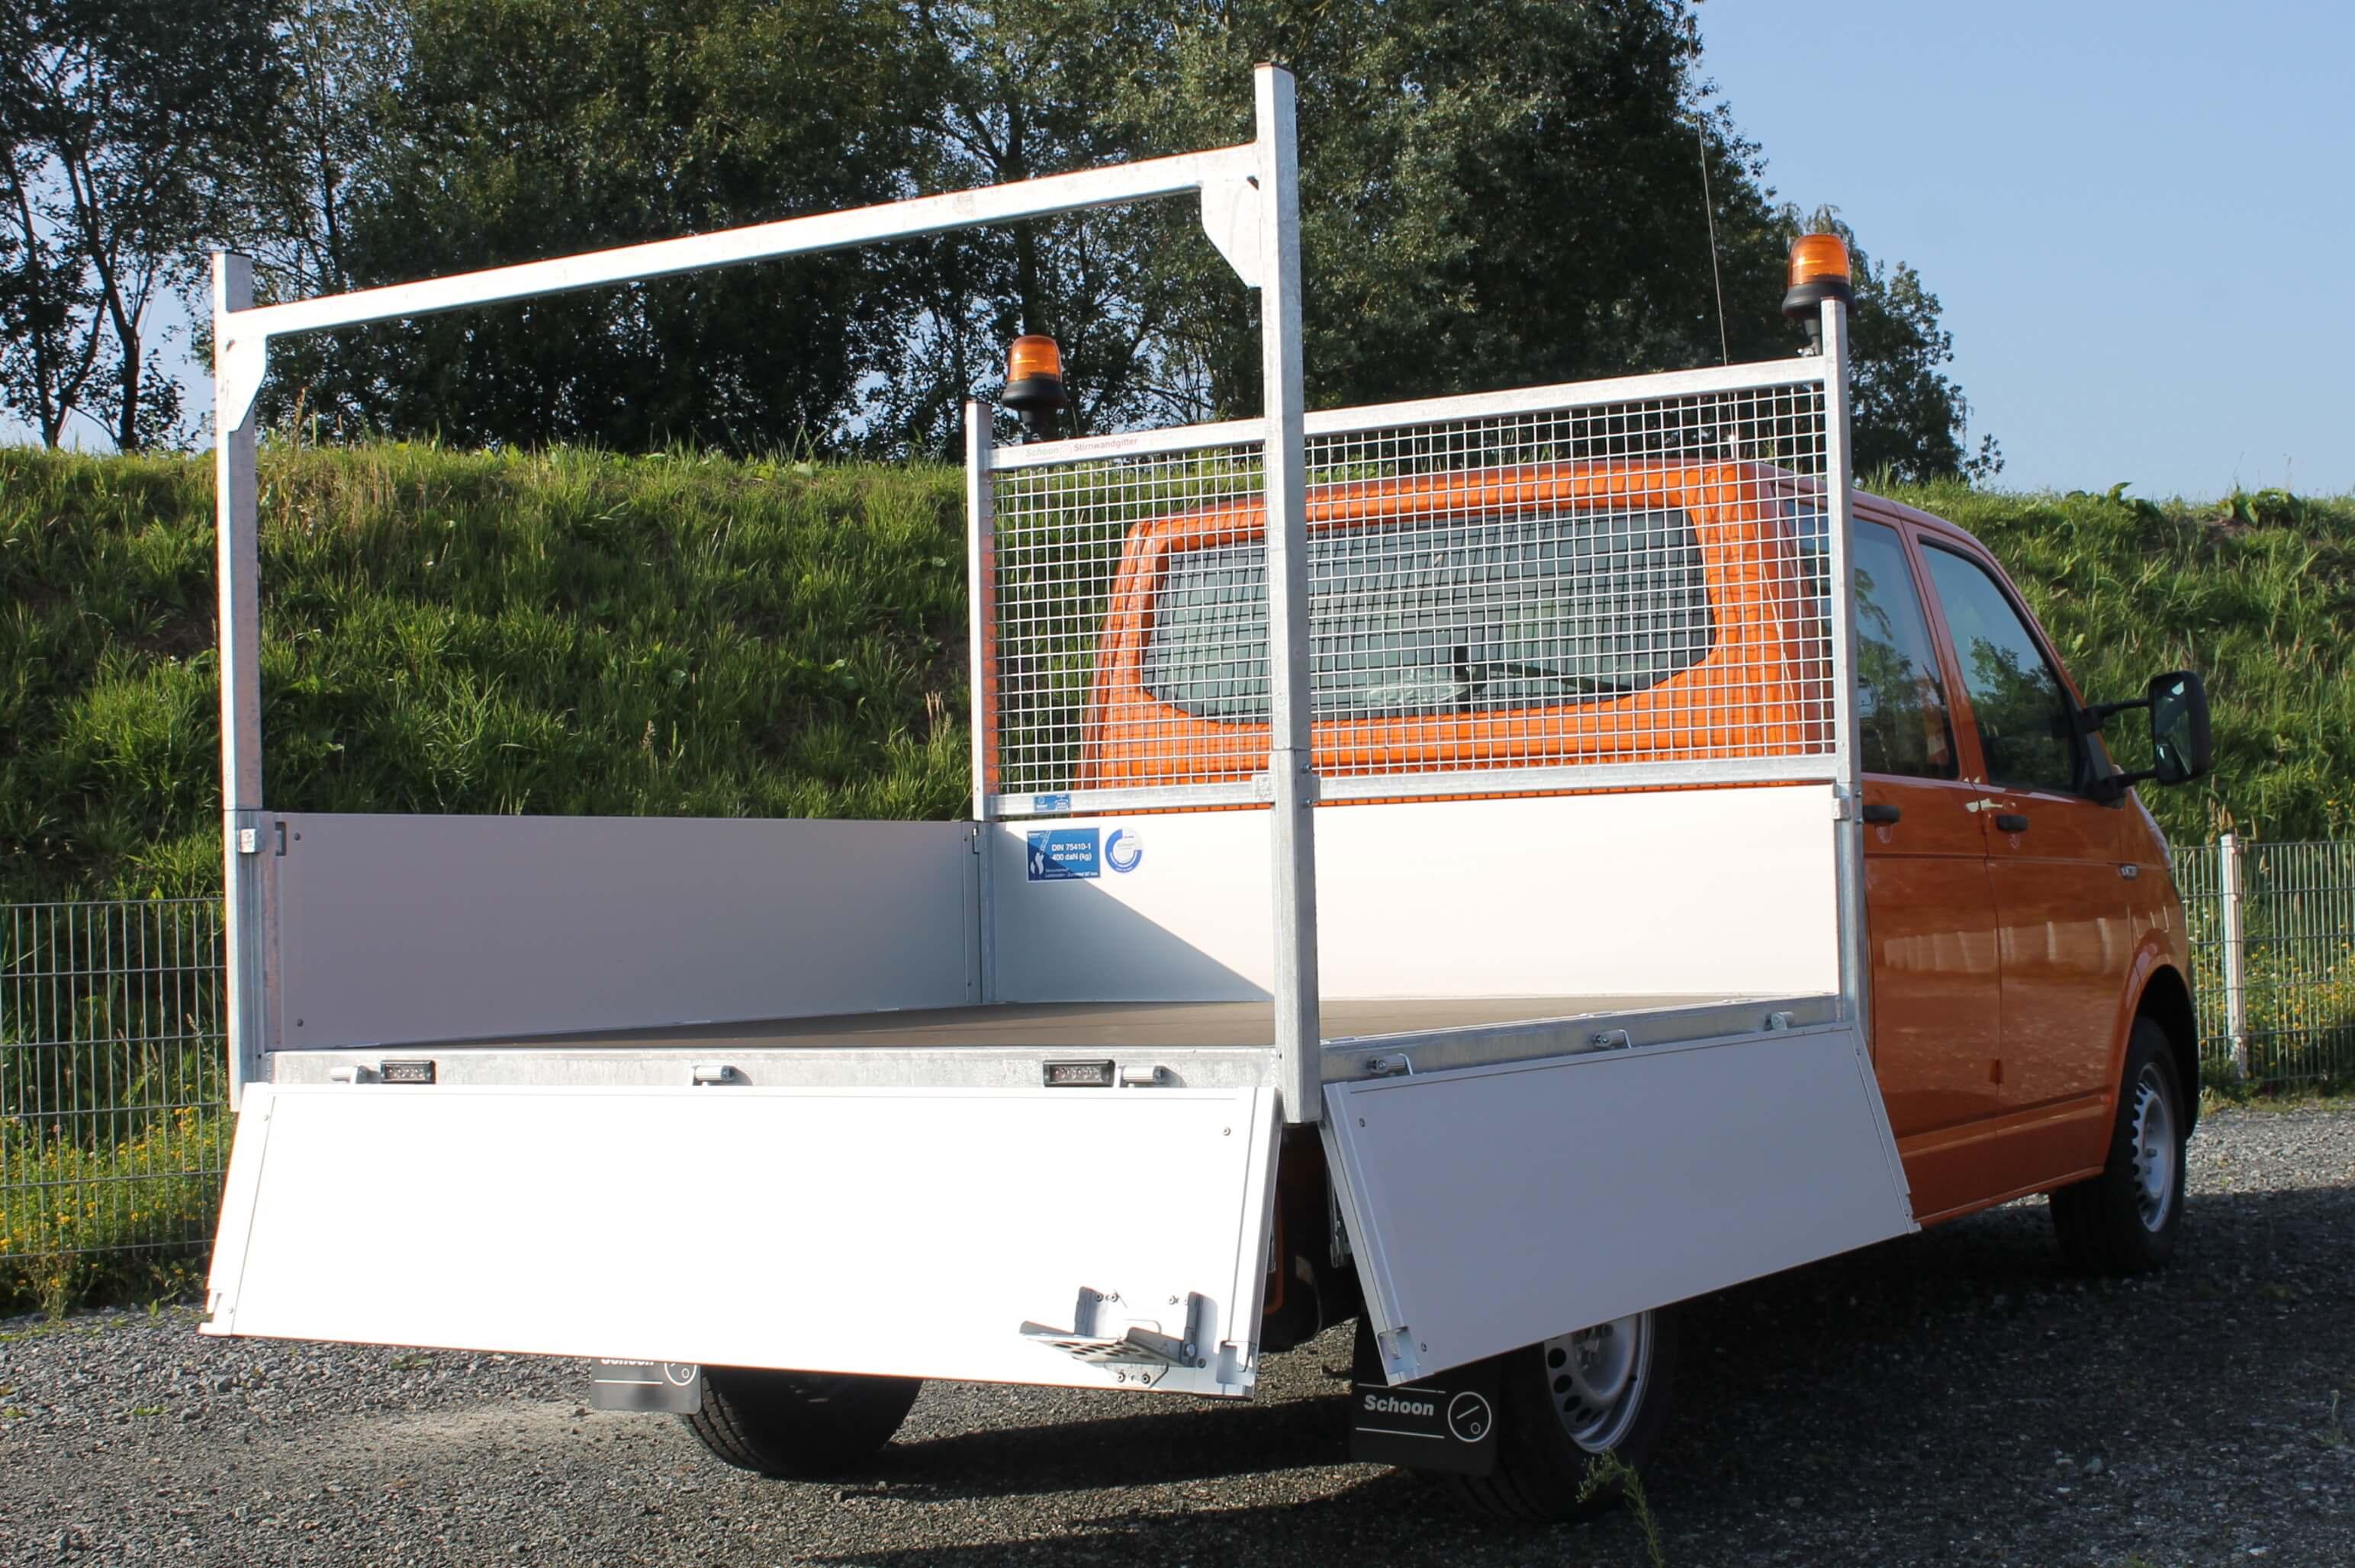 VW T6 mit Schoon Mittelhochpritsche, Stirnwandgitter, Heckauflagegestell, Rundumkennleuchte, Werkzeugbox